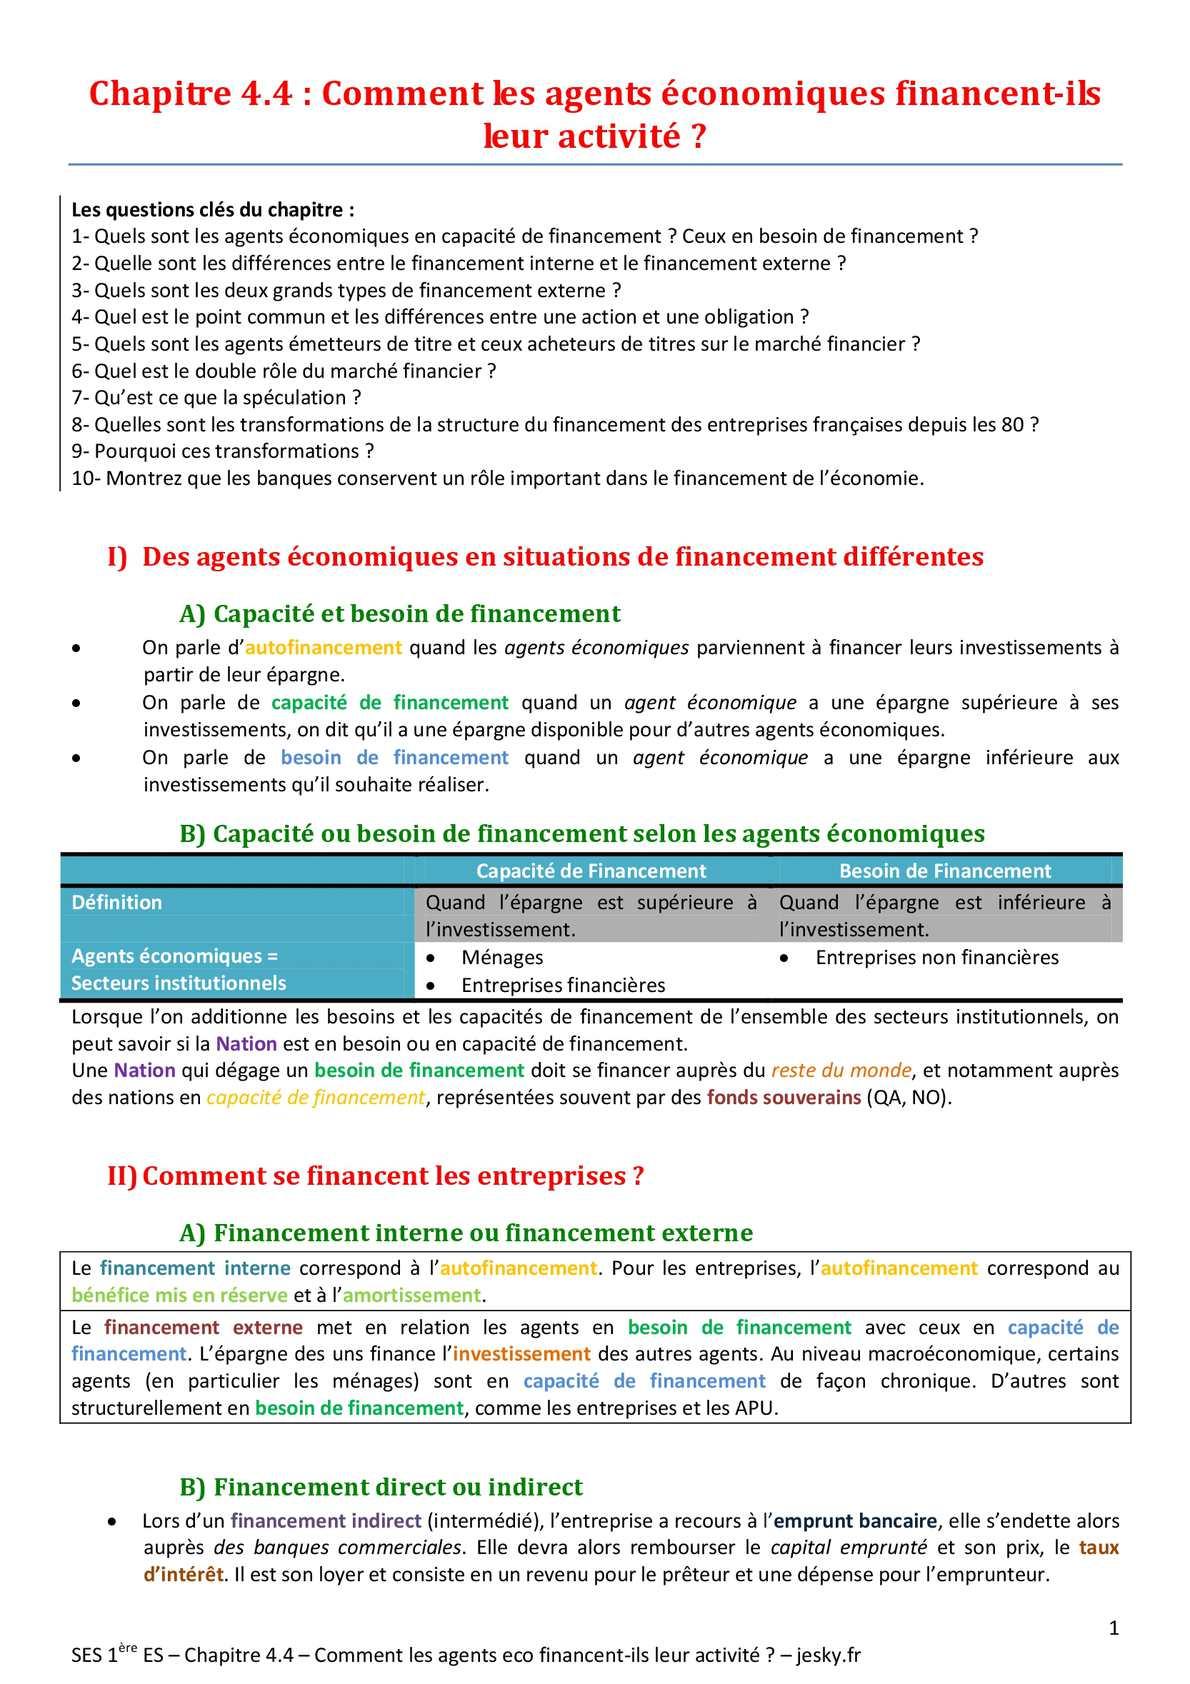 ES - SOCIO - Chapitre 11 | JéSky.fr